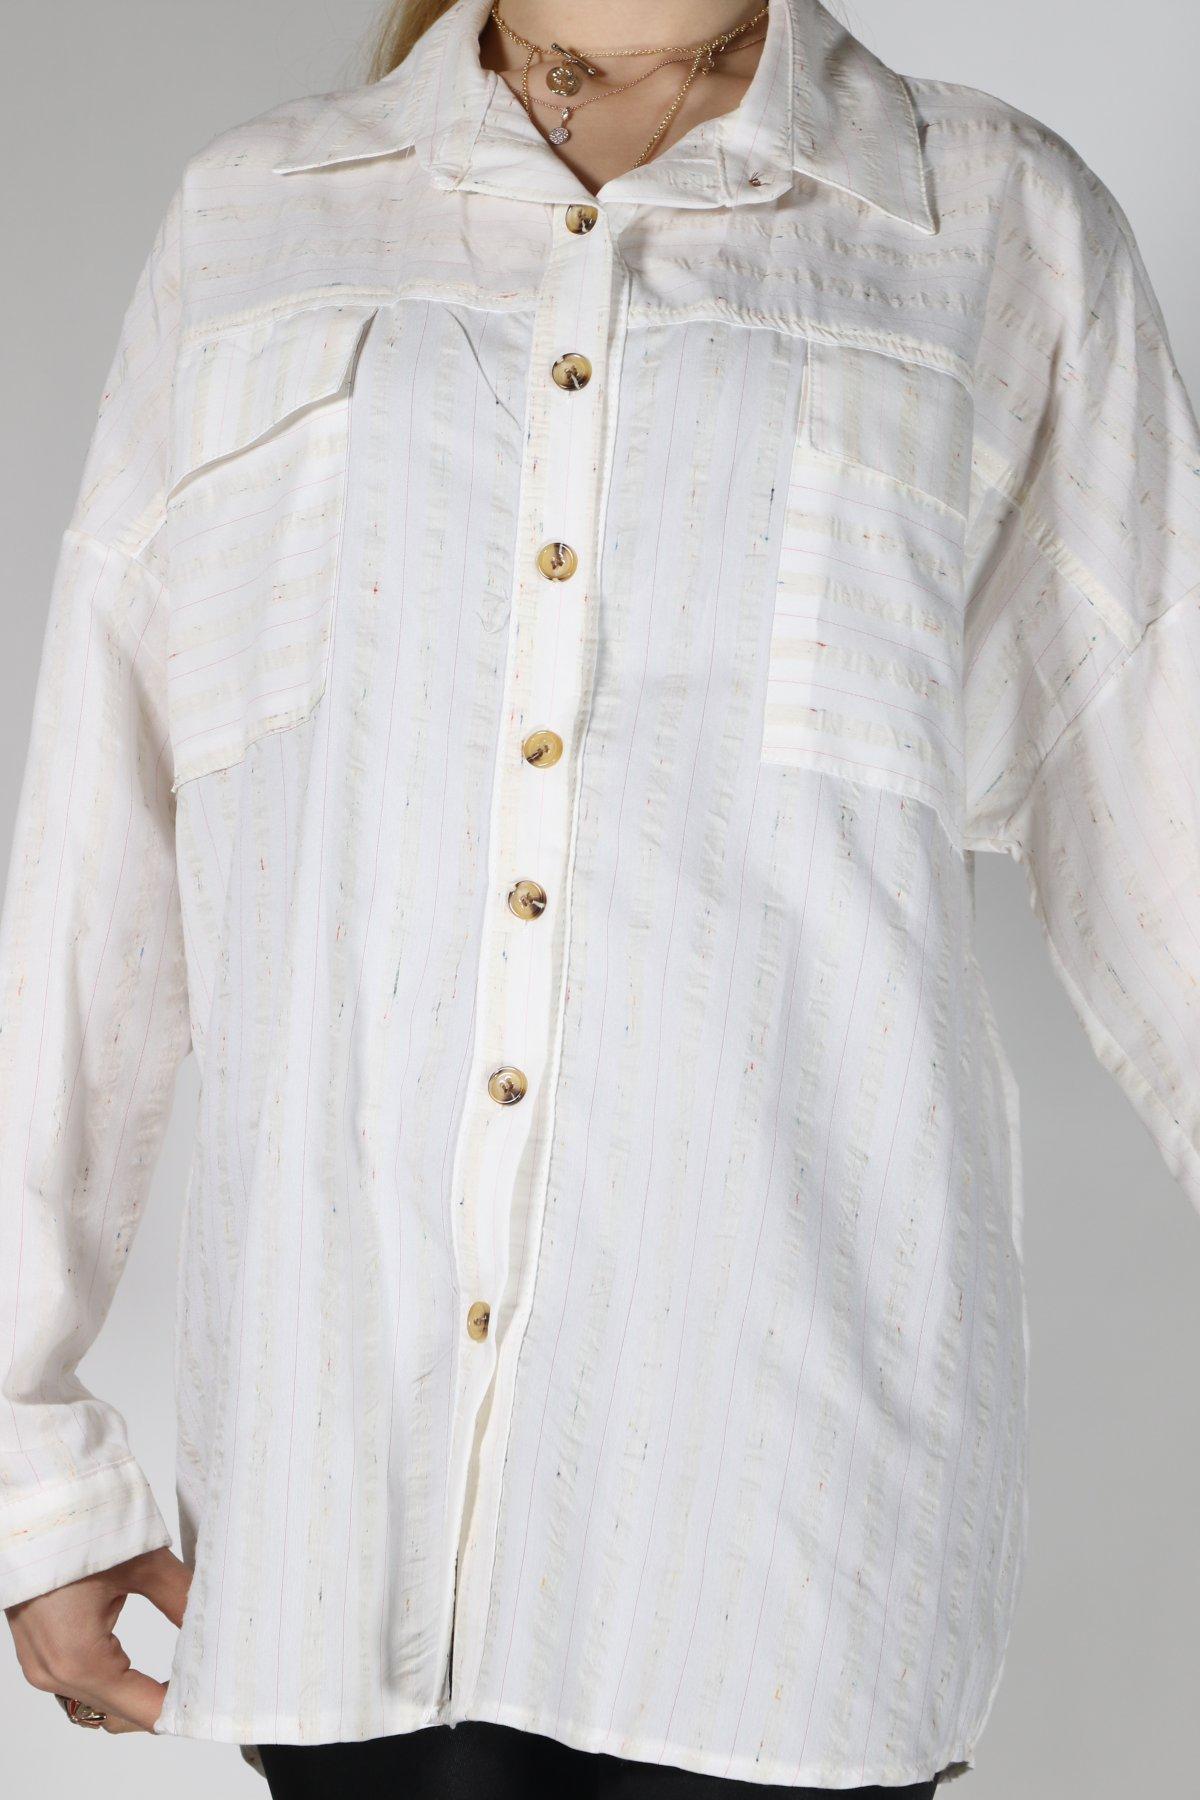 Ön Düğme Çizgili Gömlek